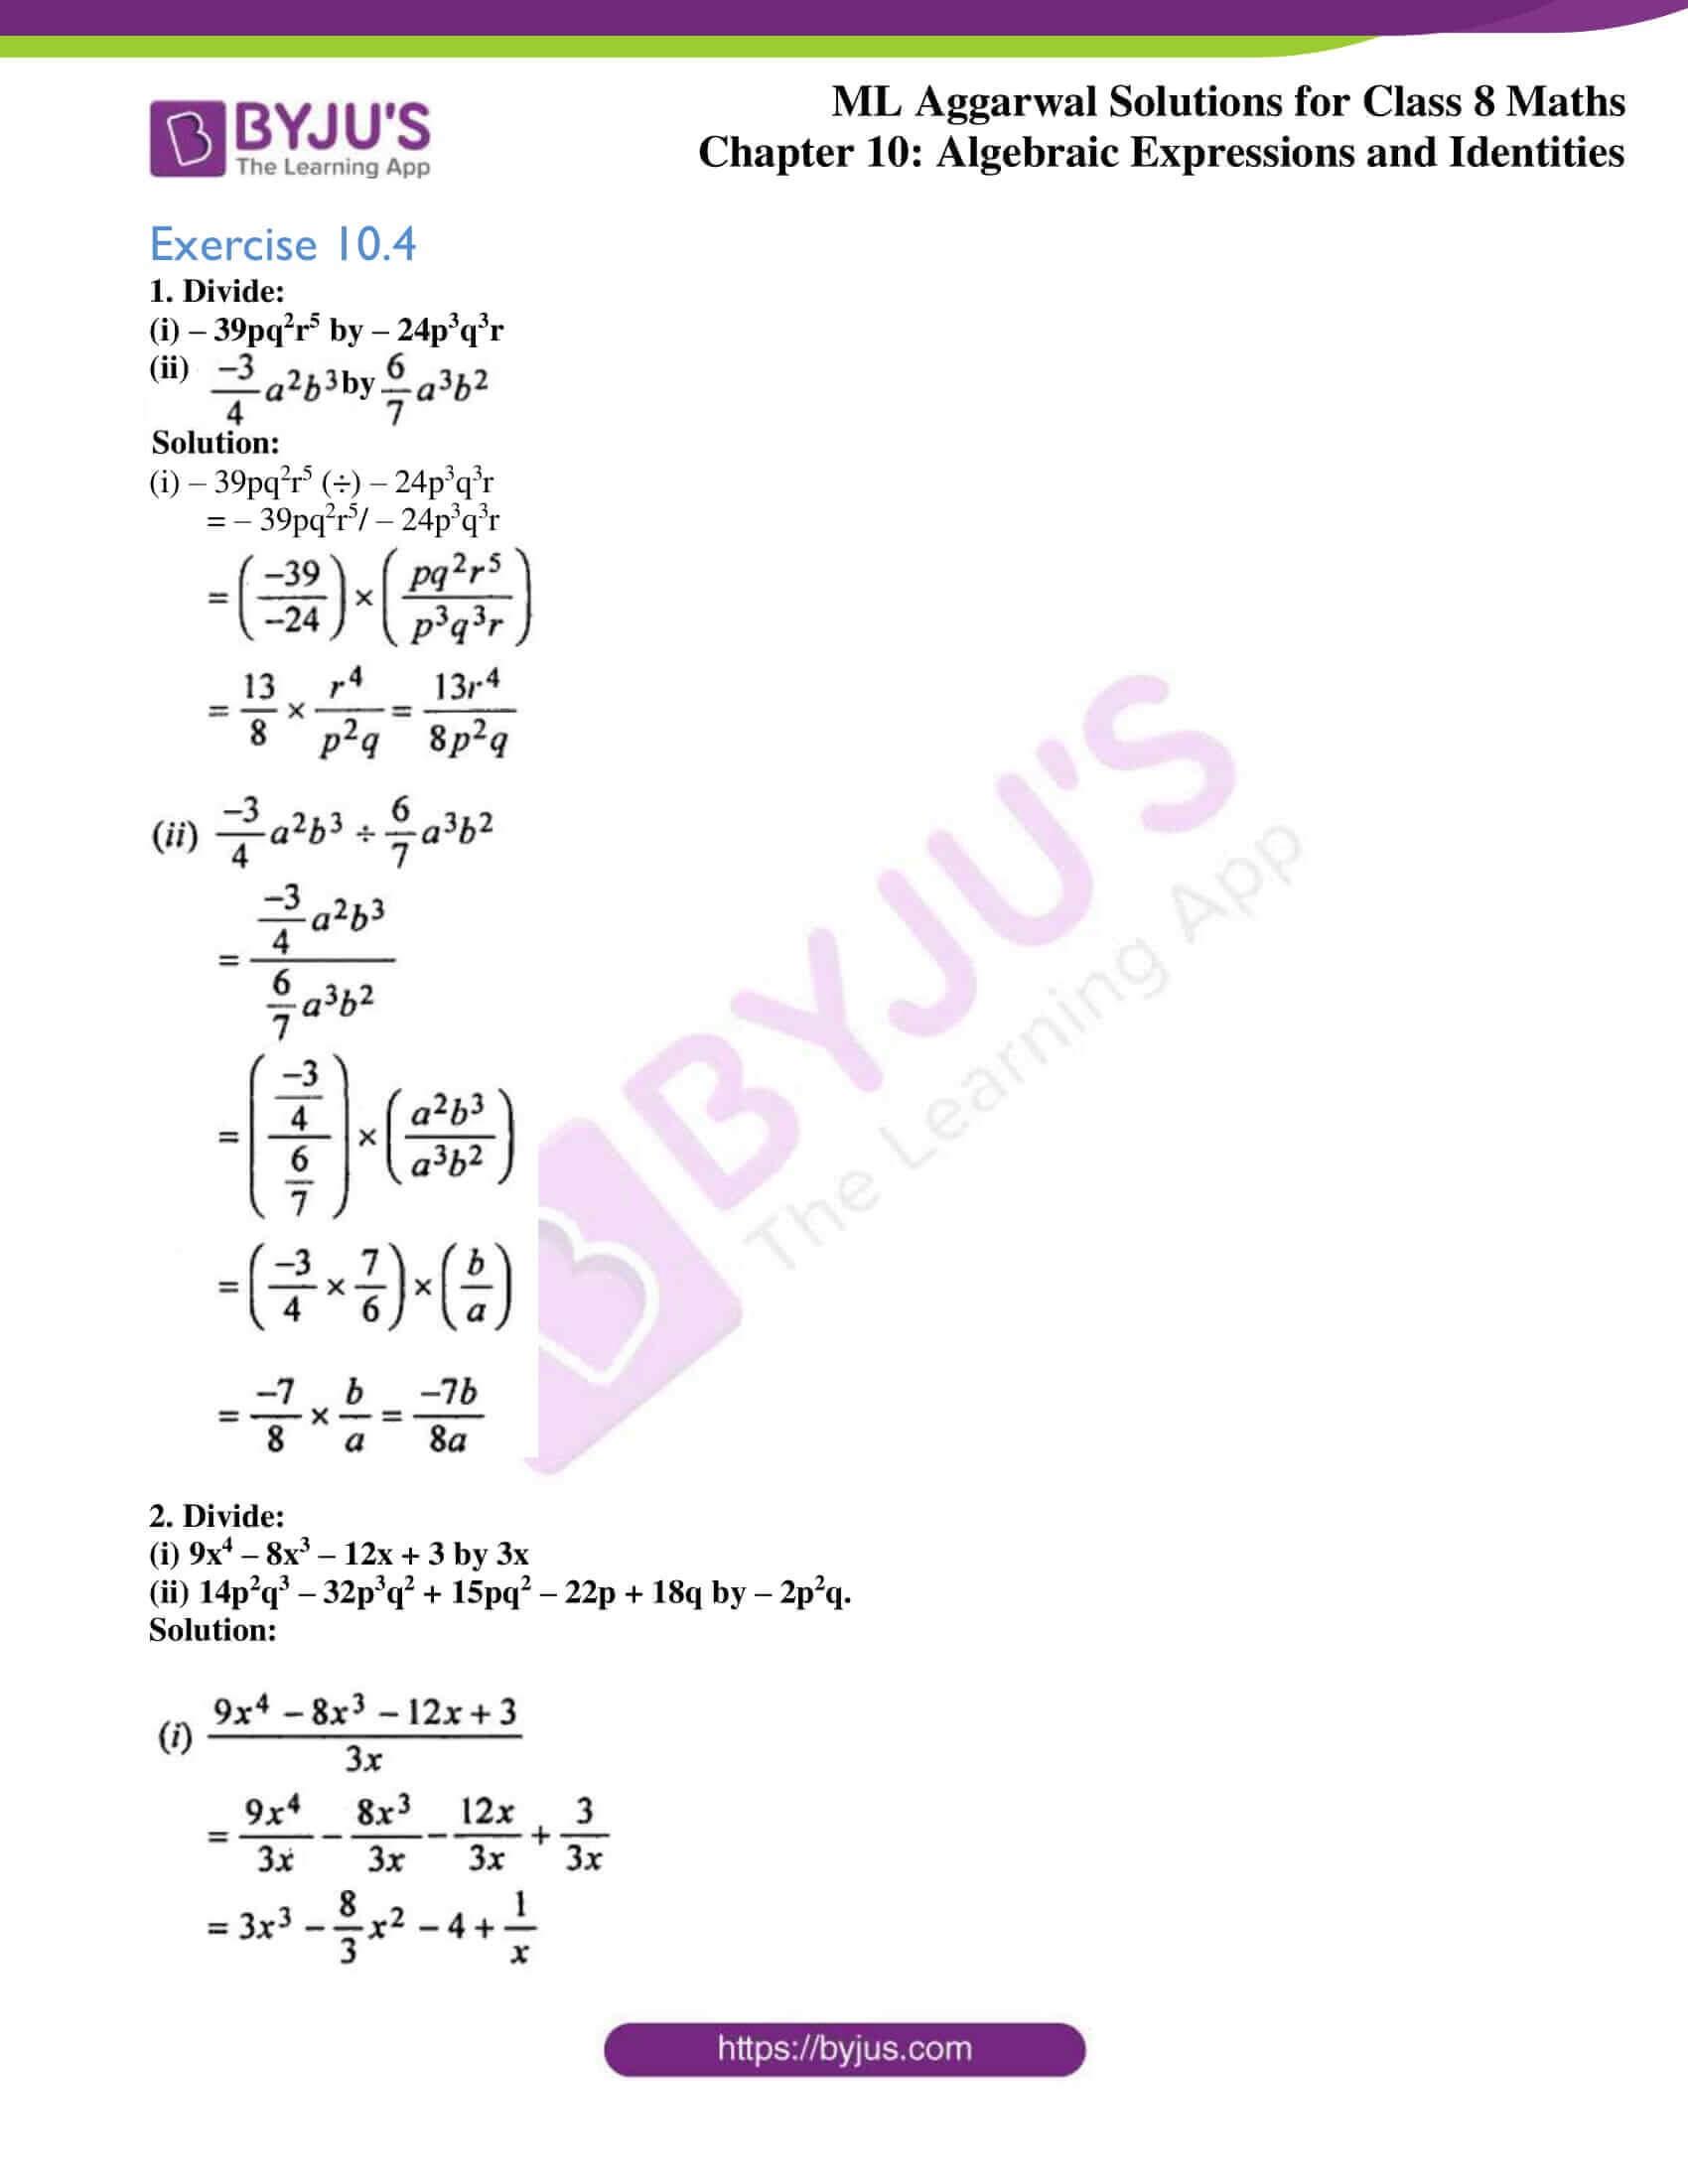 ml aggarwal sol mathematics class 8 ch 10 13